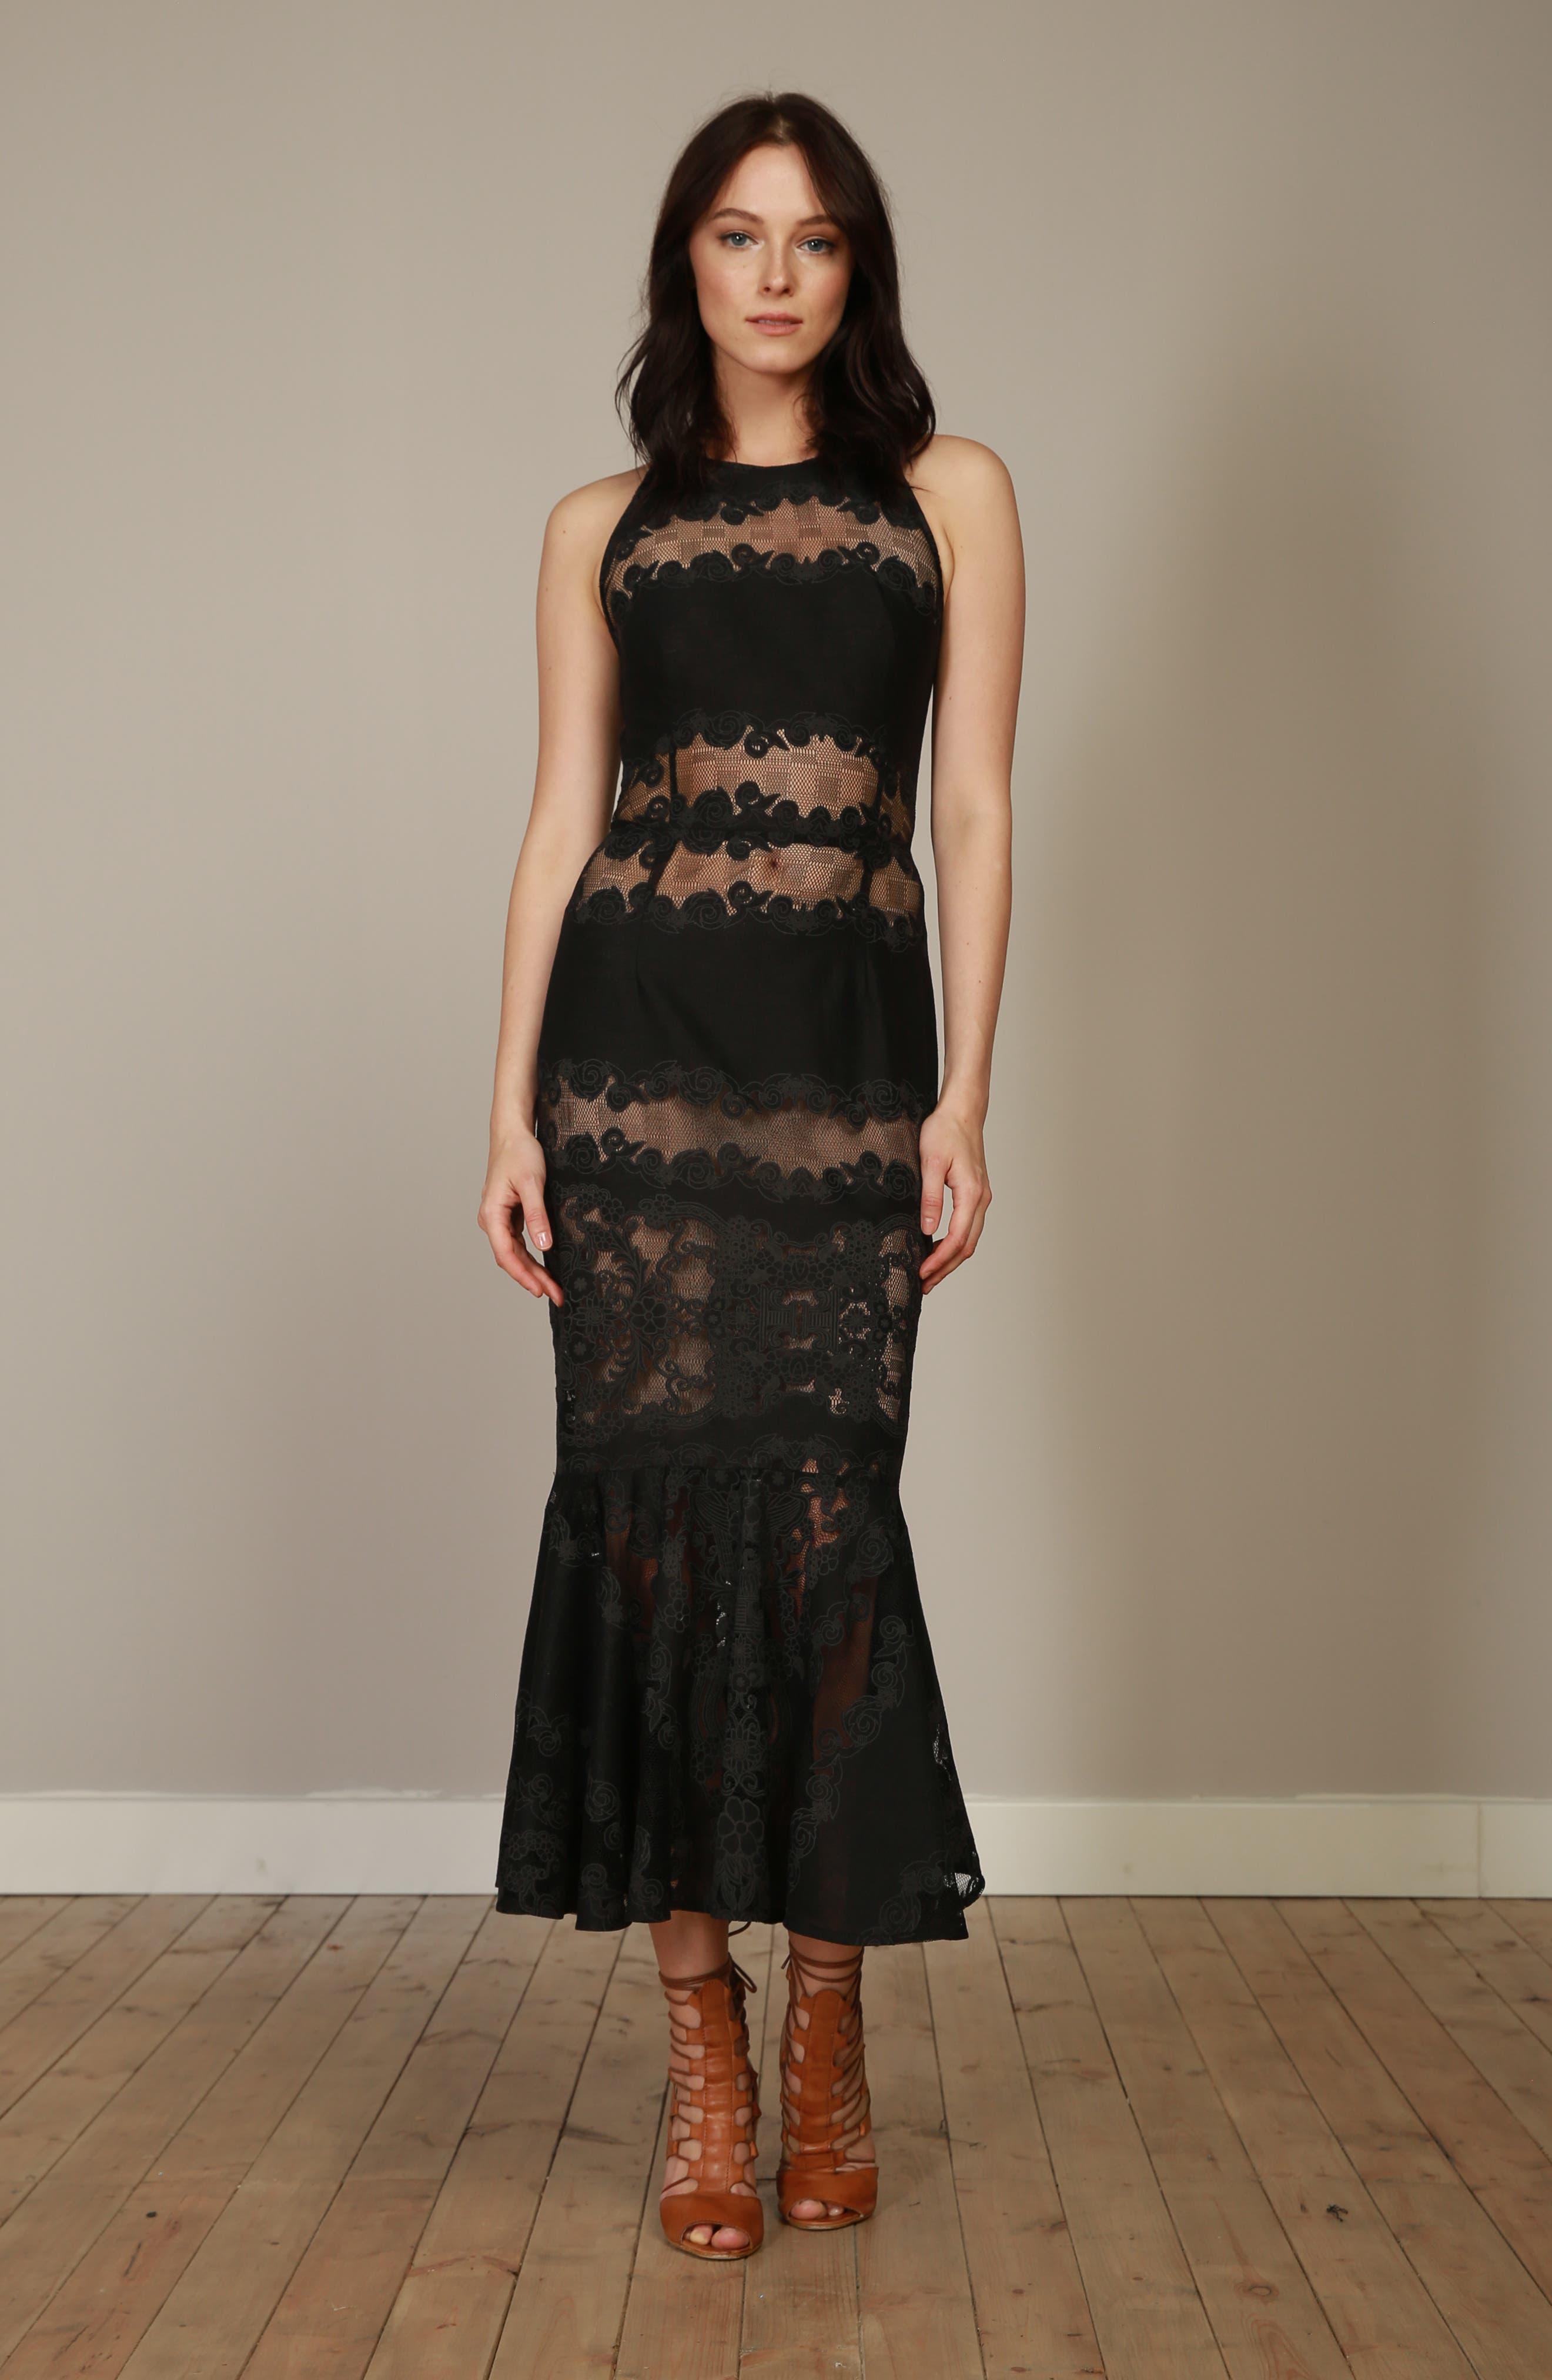 Bettina Lace Panel Tea Length Dress,                             Alternate thumbnail 7, color,                             BLACK